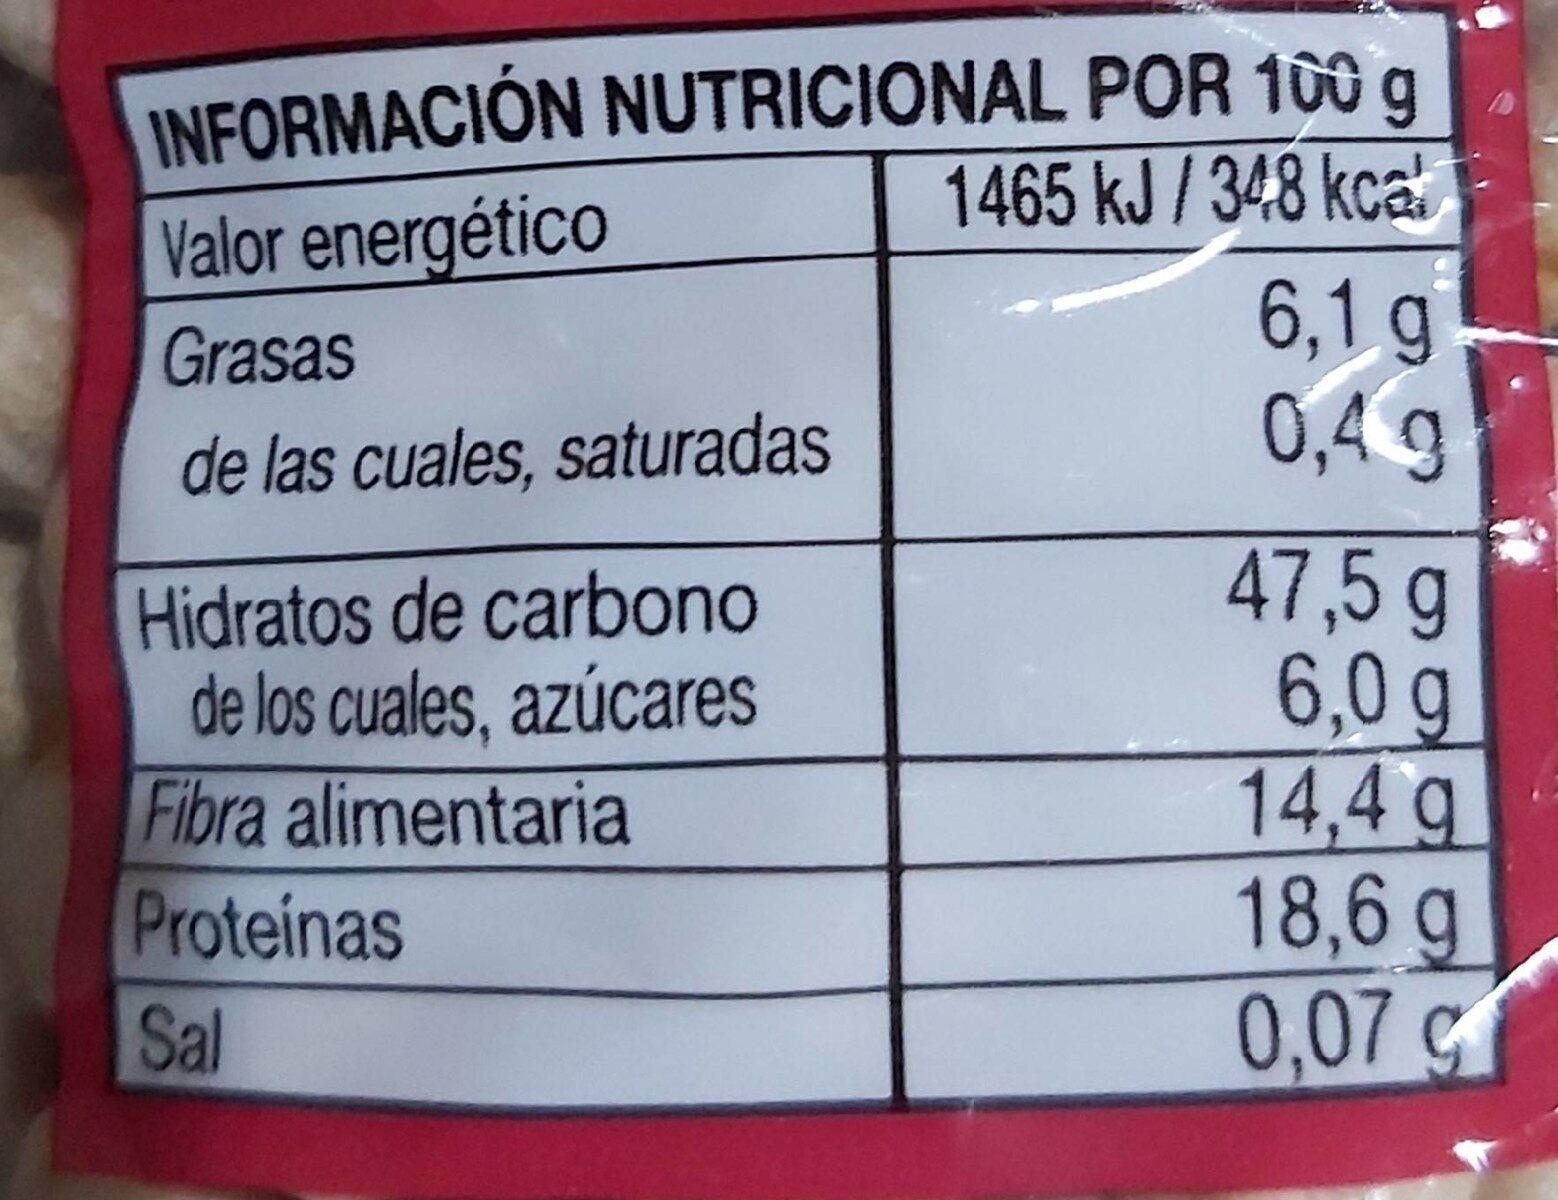 Garbanzo lechoso categoría extra - Información nutricional - es